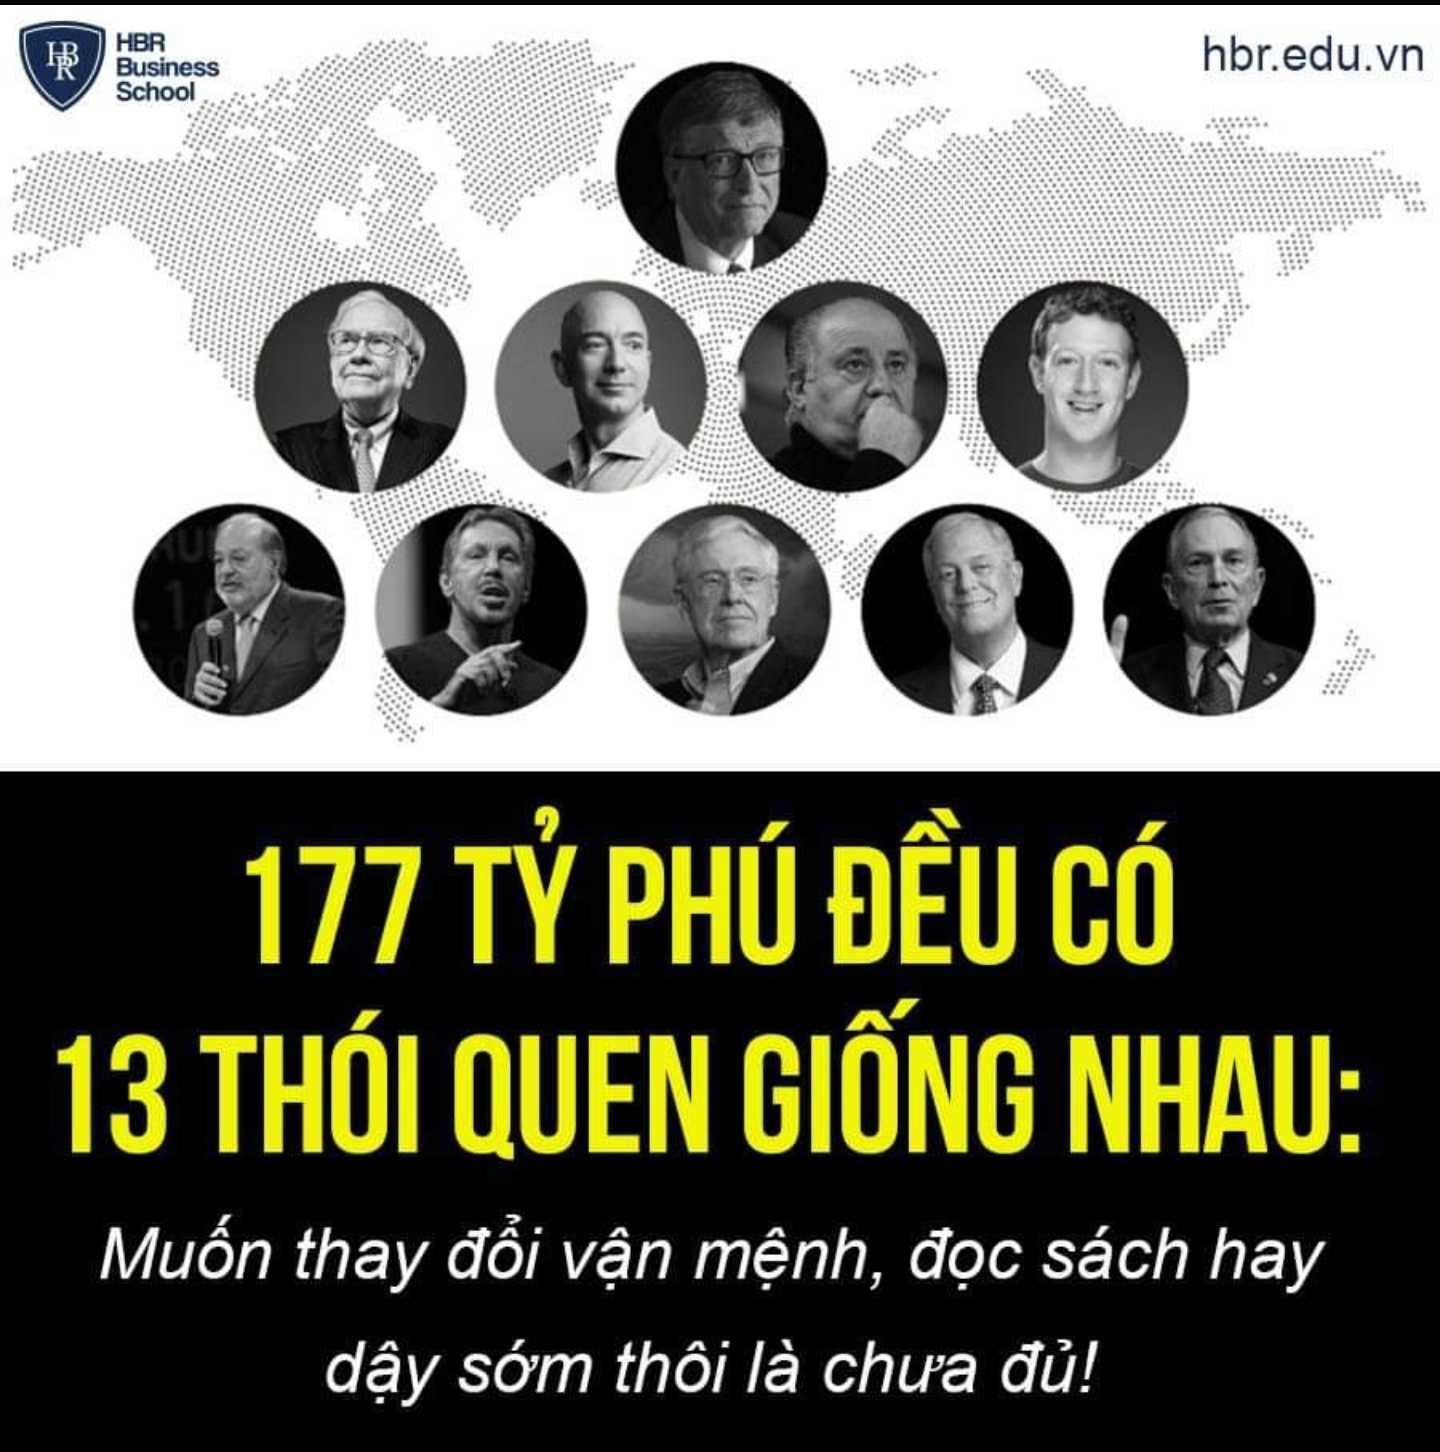 177 TỶ PHÚ ĐỀU CÓ 13 THÓI QUEN GIỐNG NHAU!